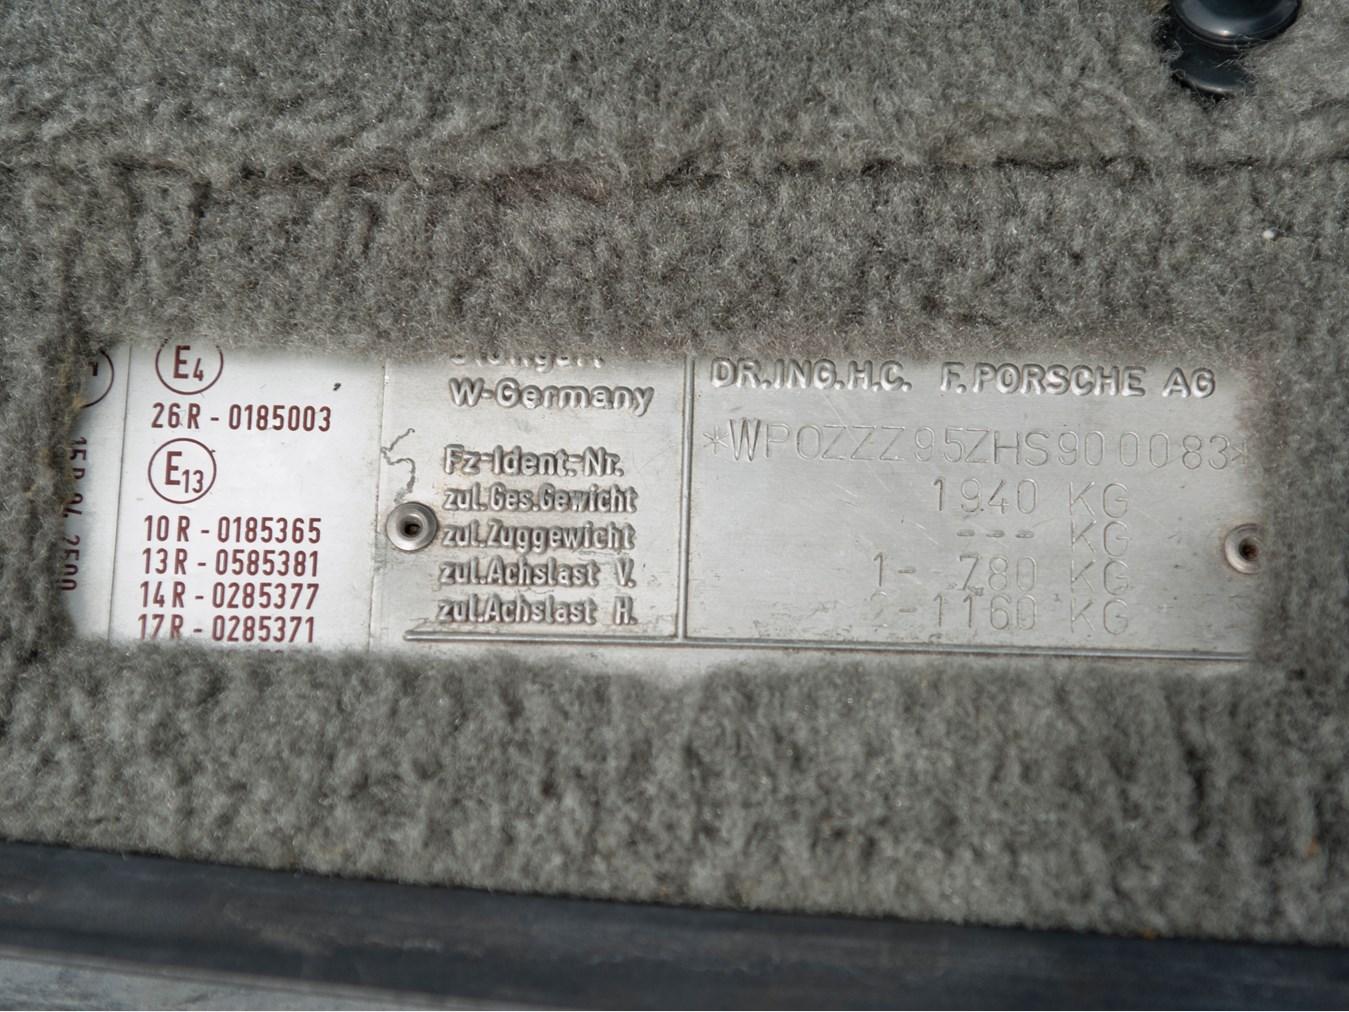 1987 Porsche 959 Komfort VIN plate